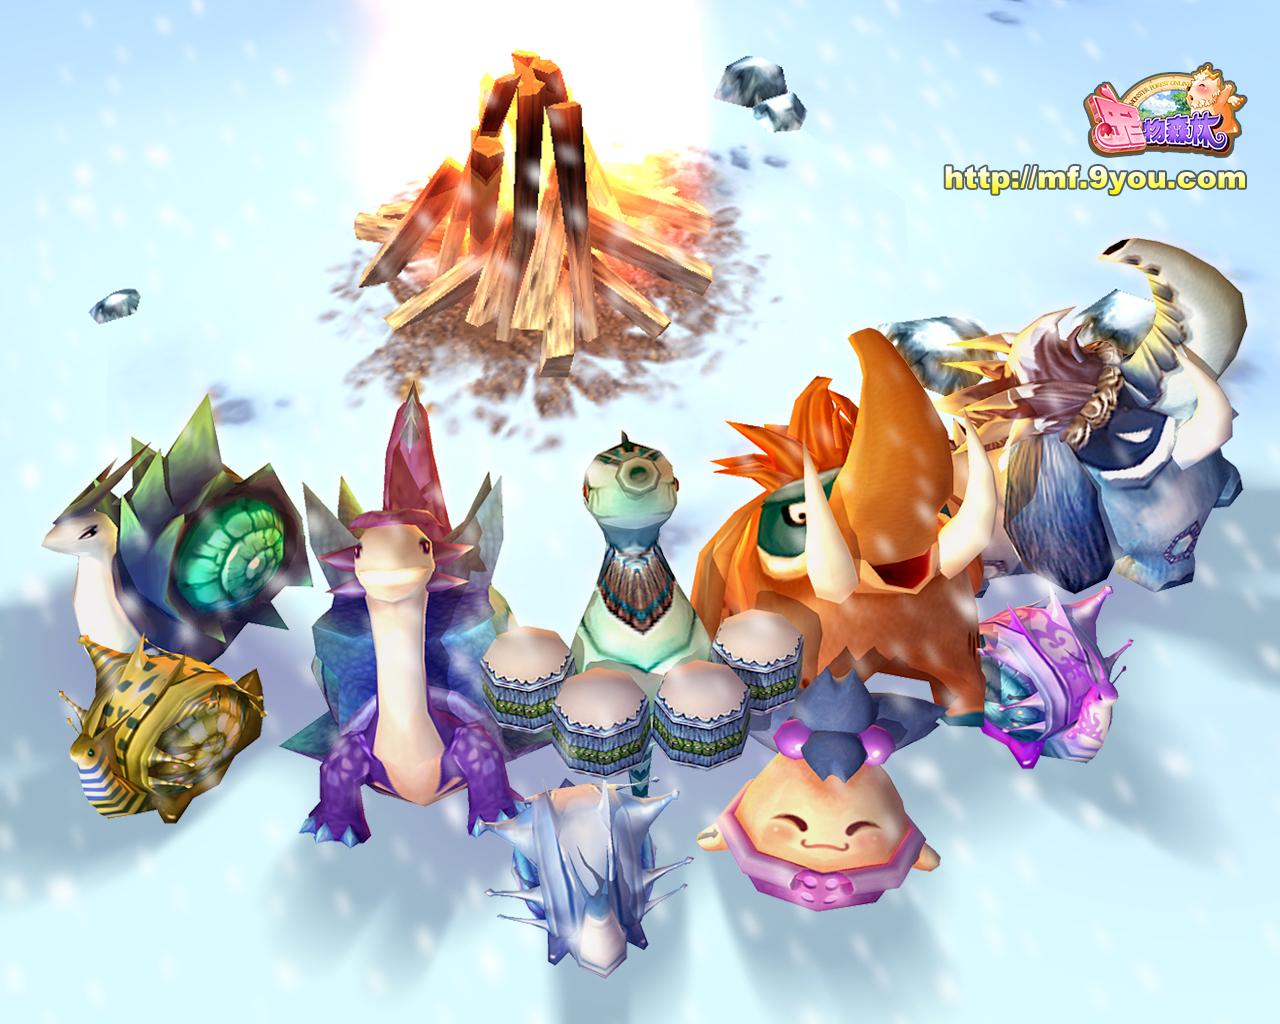 宠物森林 - 游戏图片 |